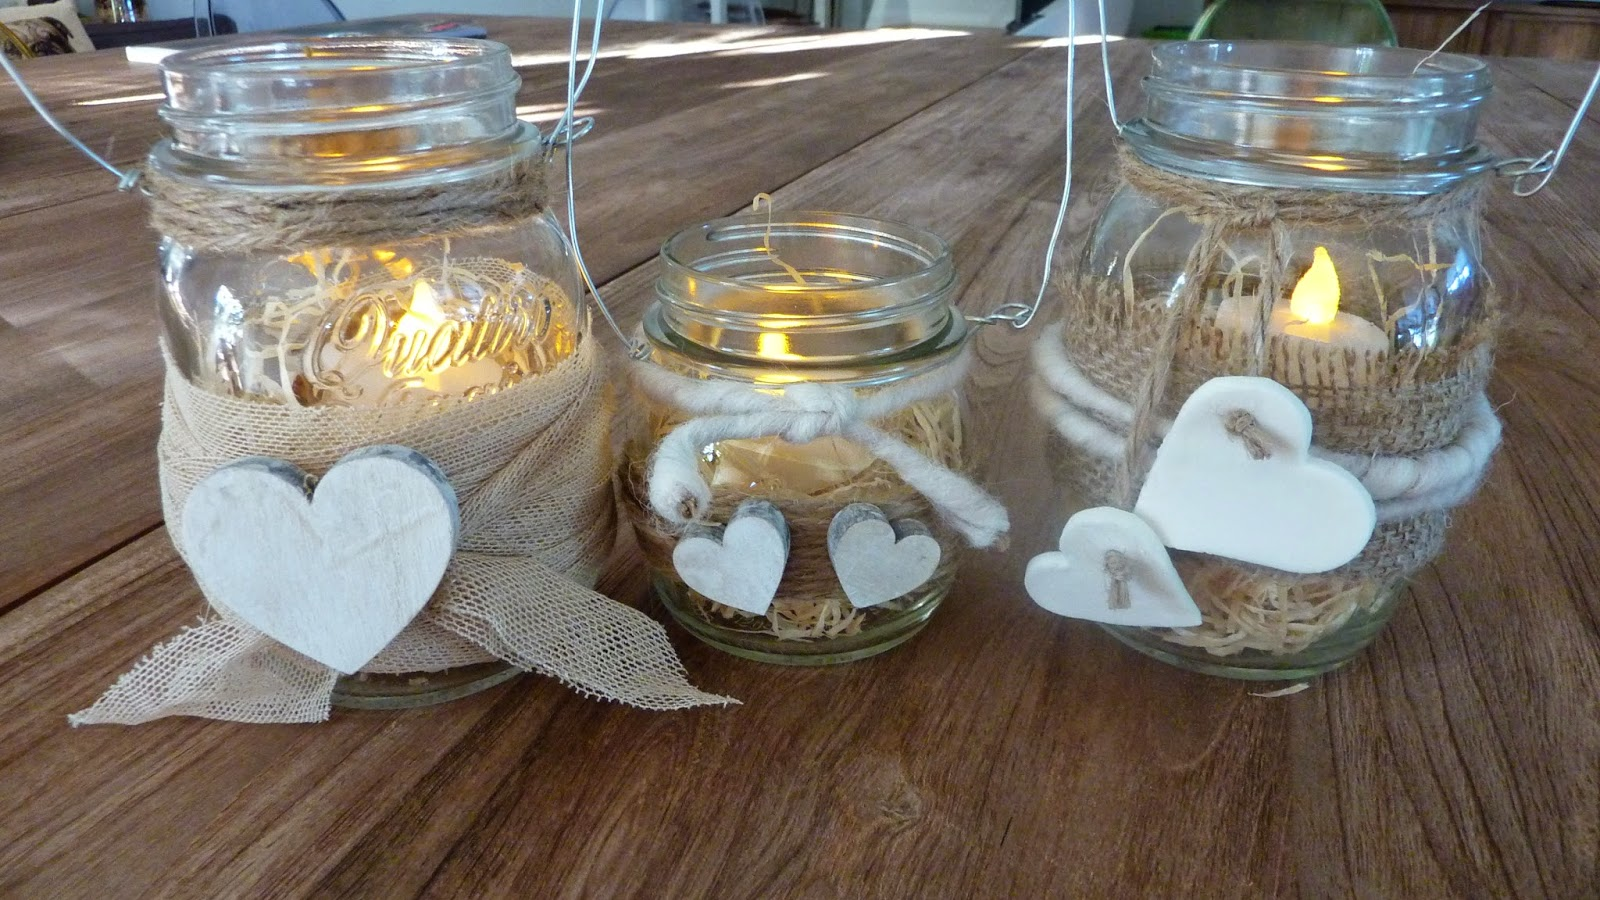 Arredo da giardino idee sostenibili e low cost - Decorare lanterne ...